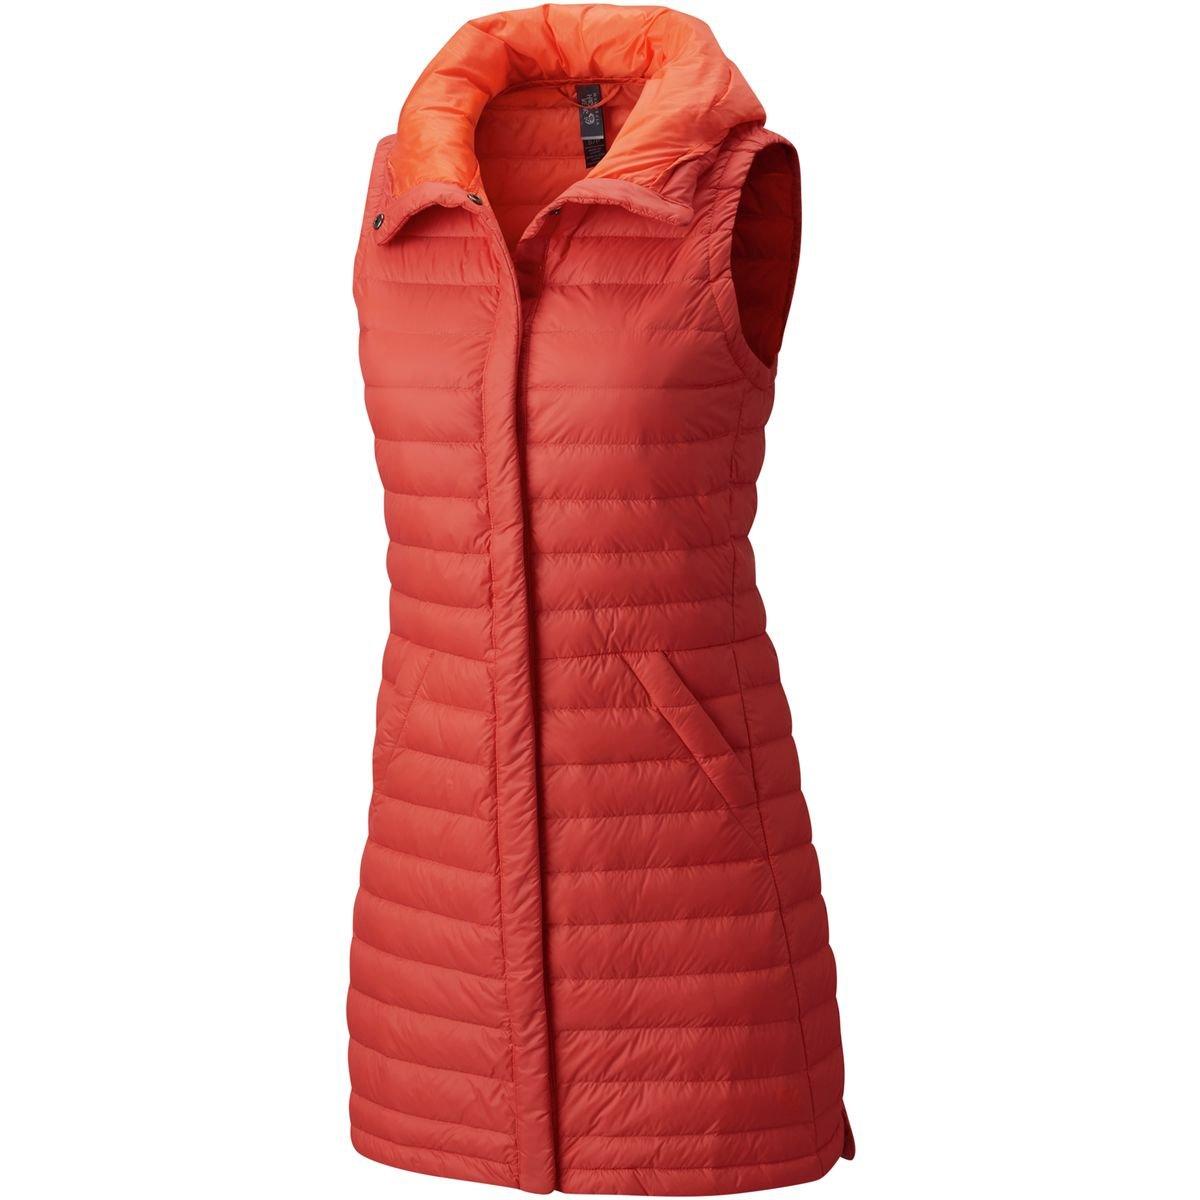 Mountain Hardwear Women's Packdown Vest